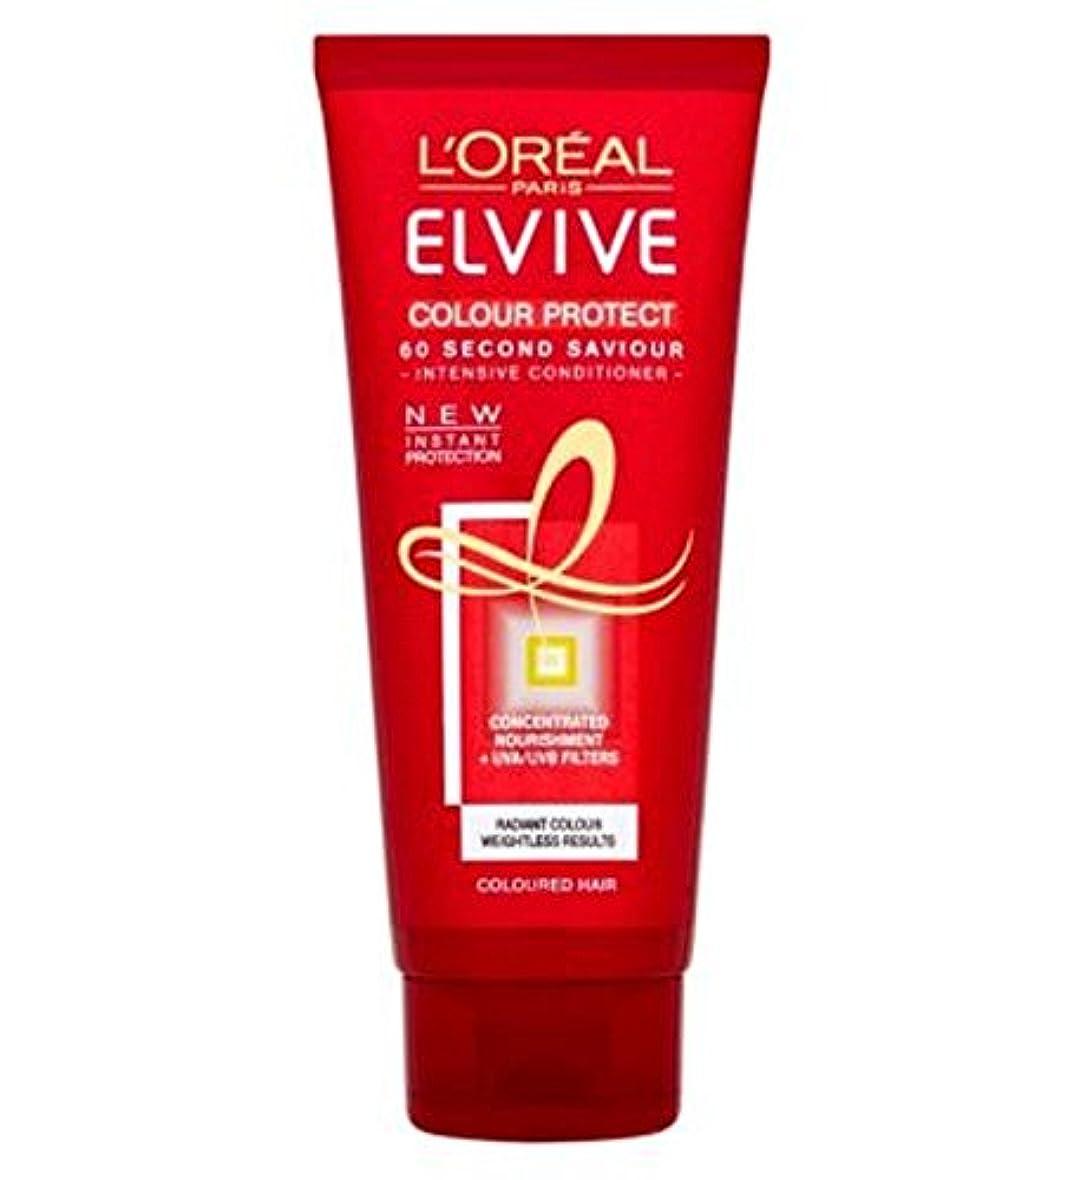 結婚する増幅器簡潔なL'Oreall Elviveカラーコンディショナー200ミリリットルを保護 (L'Oreal) (x2) - L'Oreall Elvive Colour Protect Conditioner 200ml (Pack...